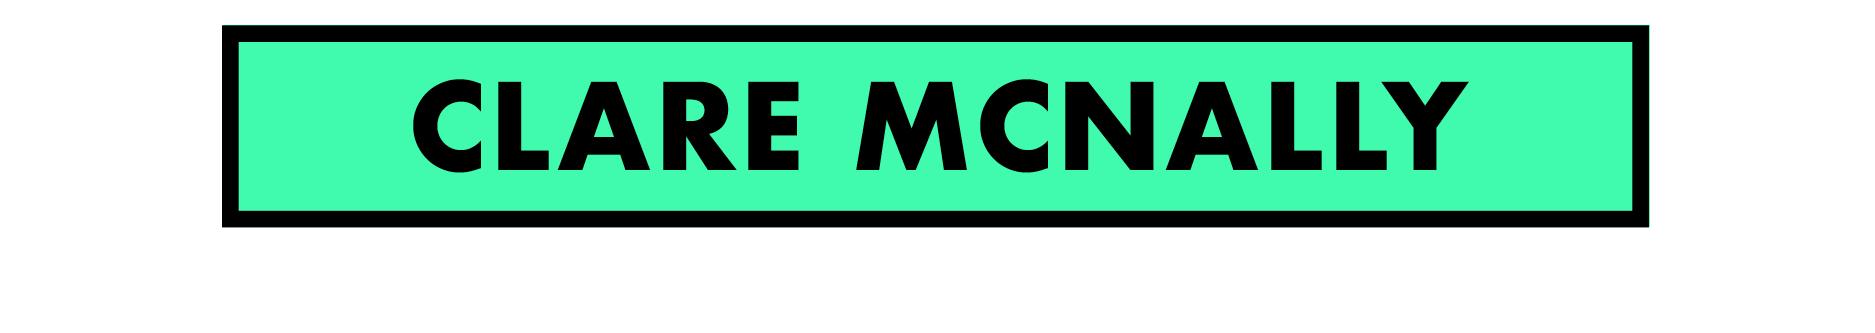 Green_VMFF19_clare_mcnally_1